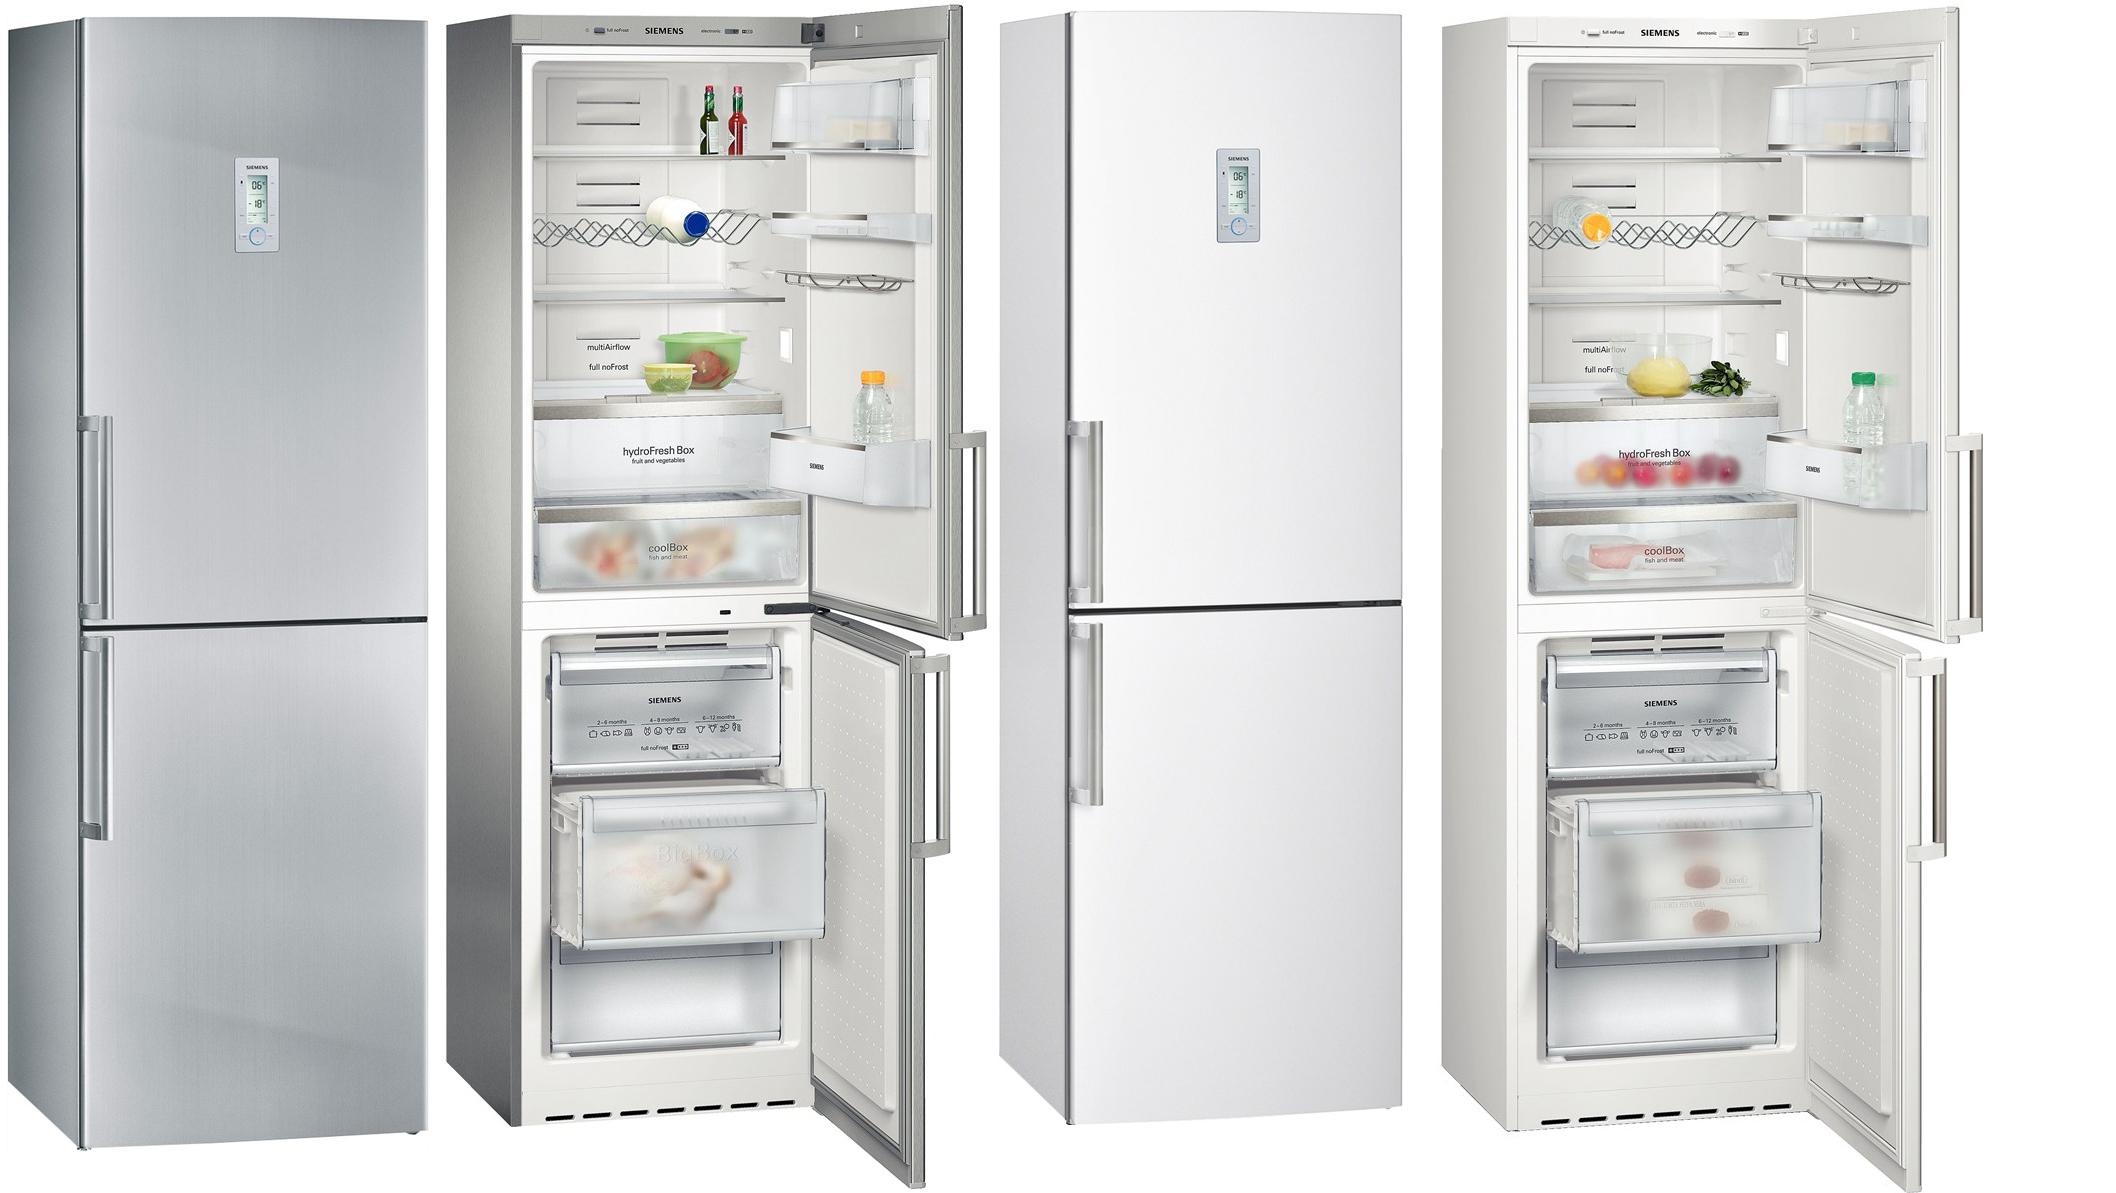 статьи холодильники Siemens с системой ноу фрост Kg39na25 Kg39na79